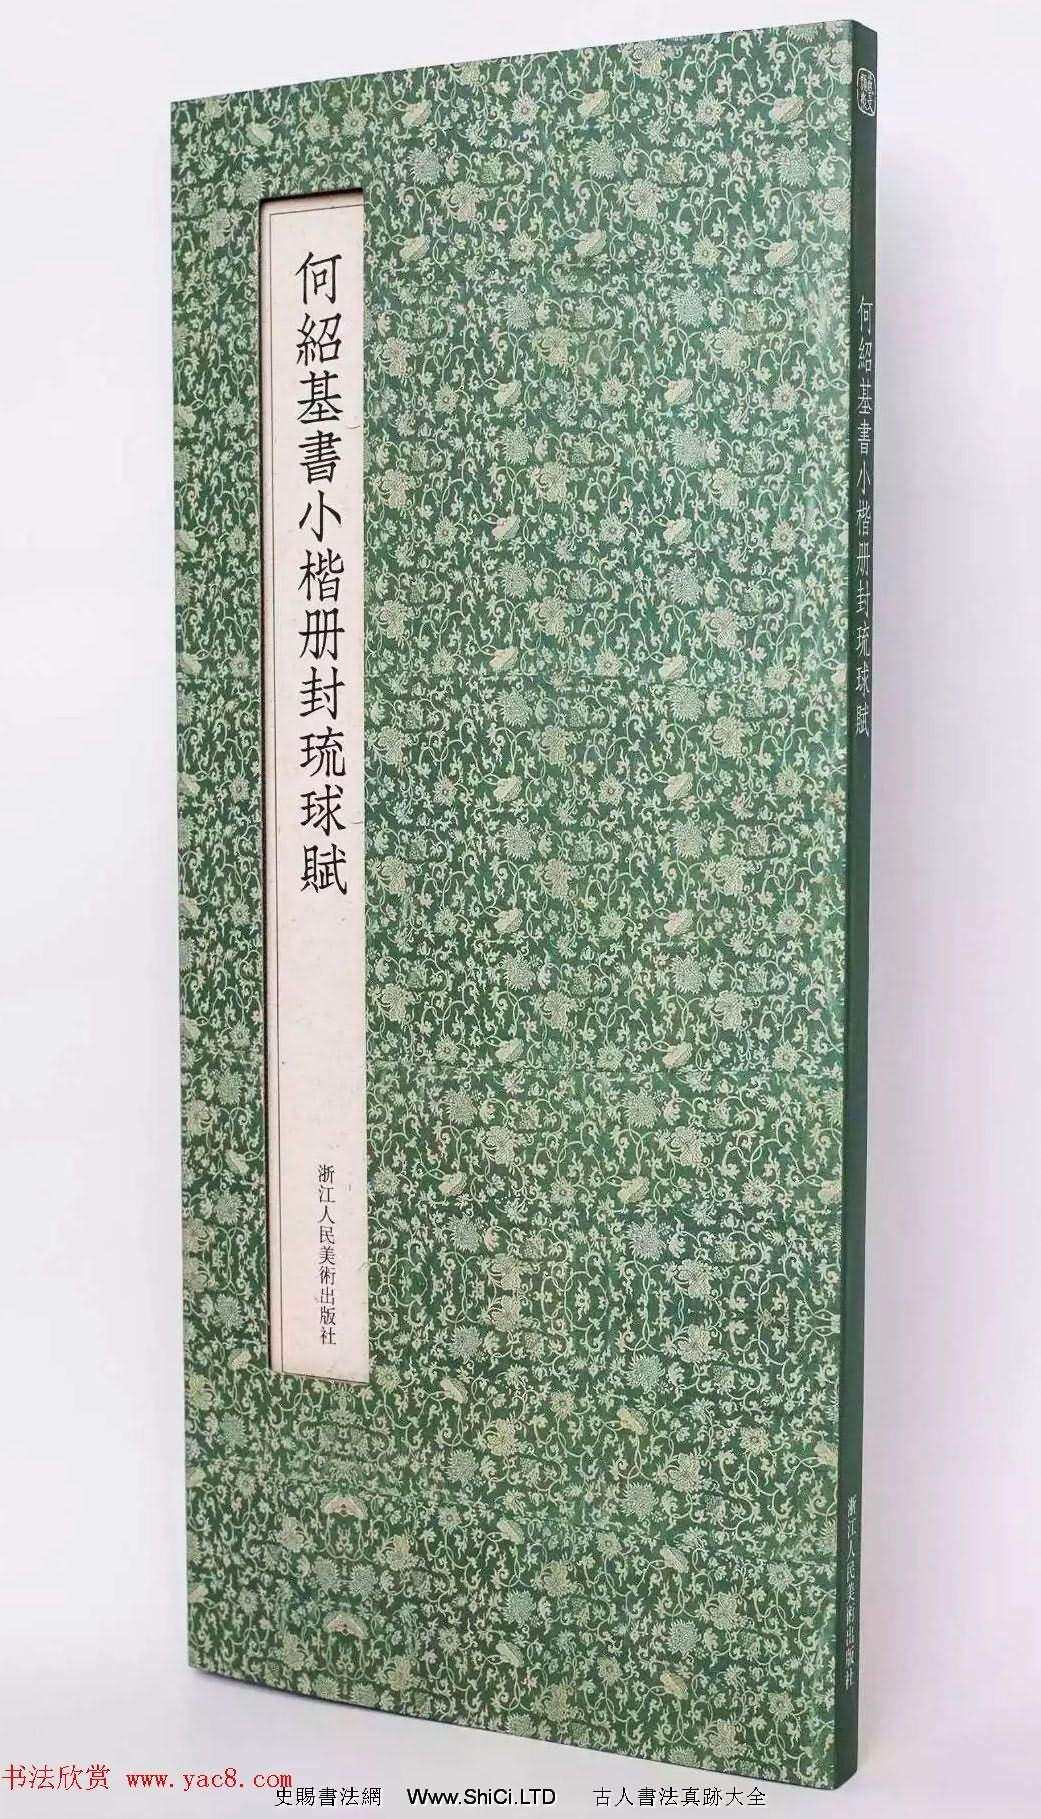 清代何紹基39歲小楷《冊封琉球賦》(共12張圖片)